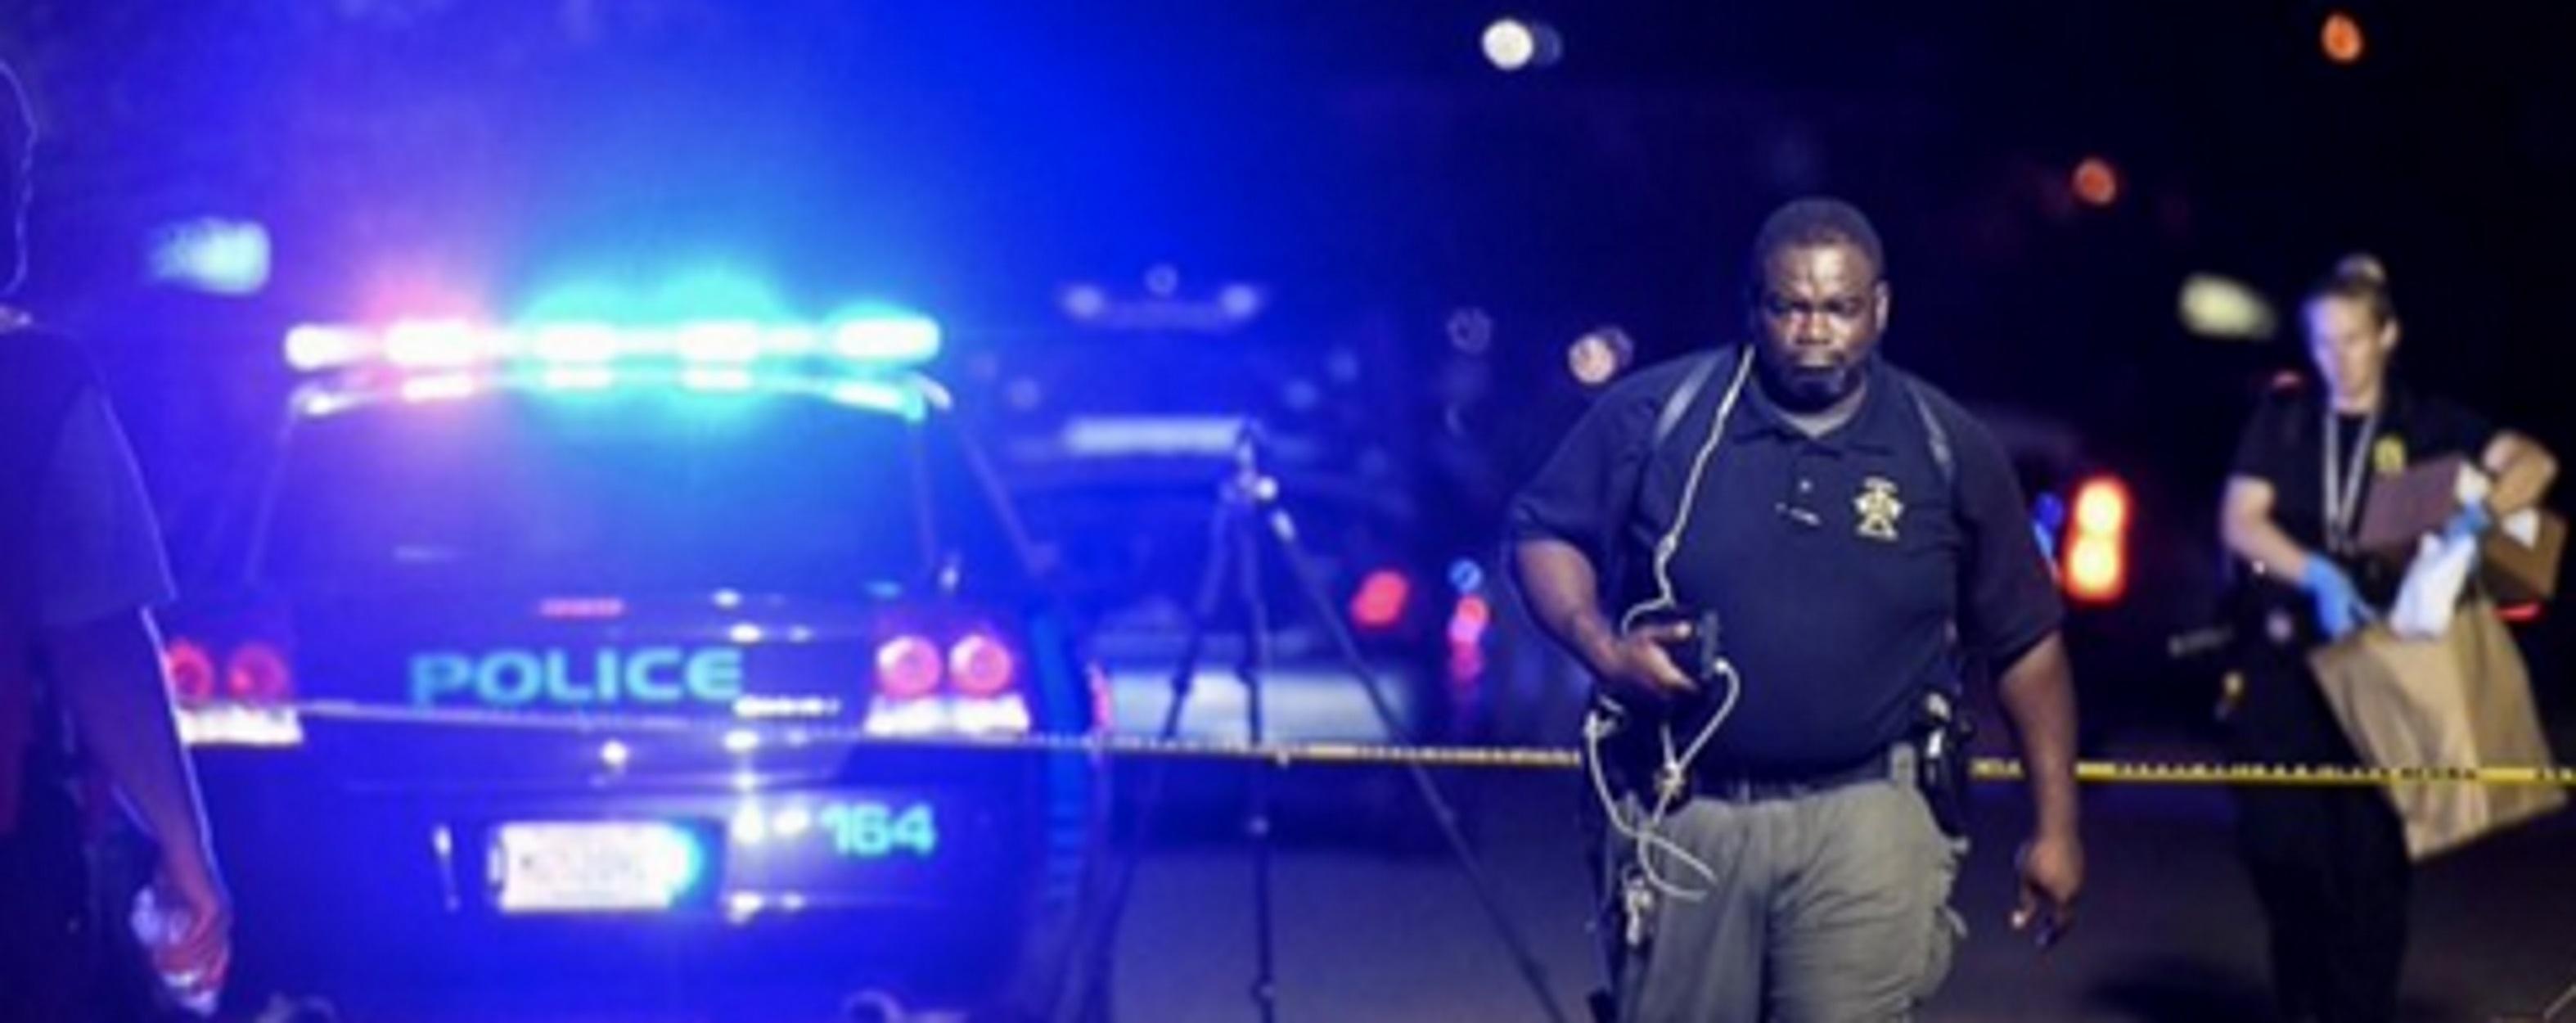 Νότια Καρολίνα: Μακελειό σε κλαμπ – Ανθρωποκυνηγητό της αστυνομίας!